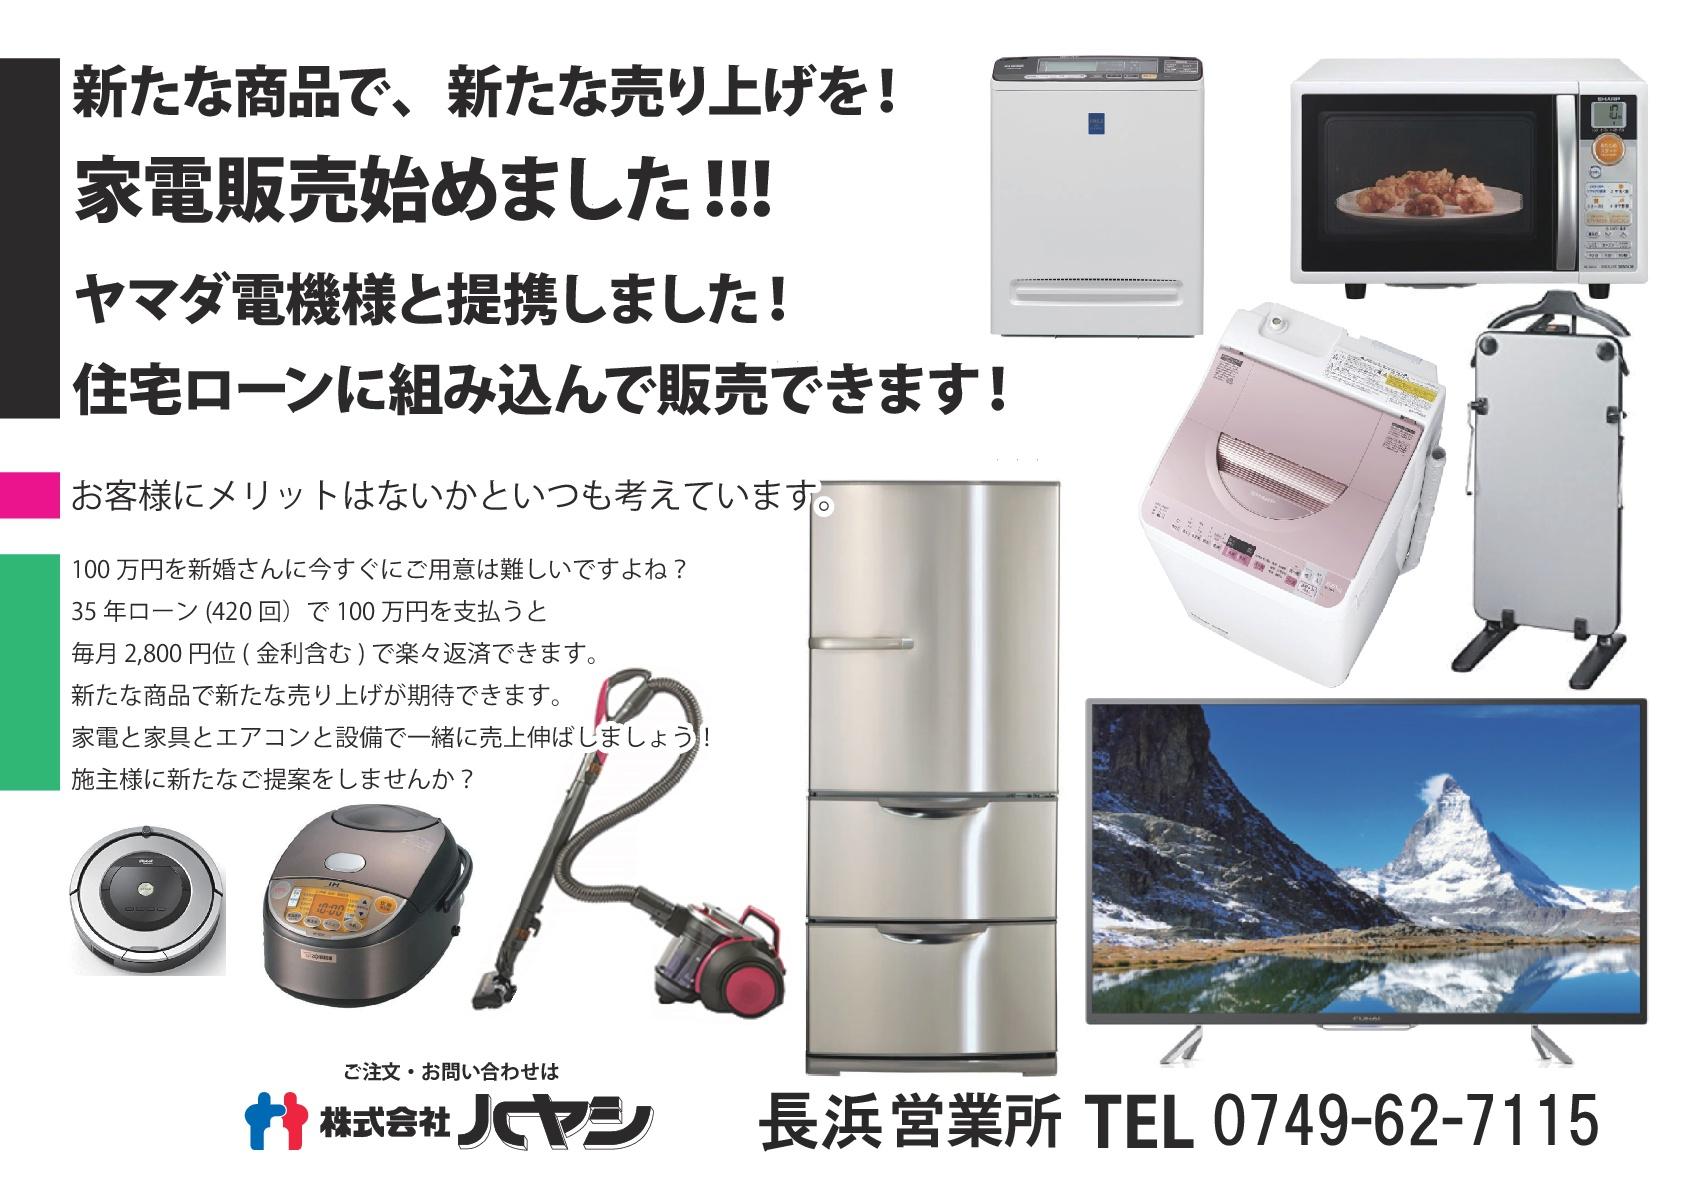 家電販売チラシ(ハヤシ)-001